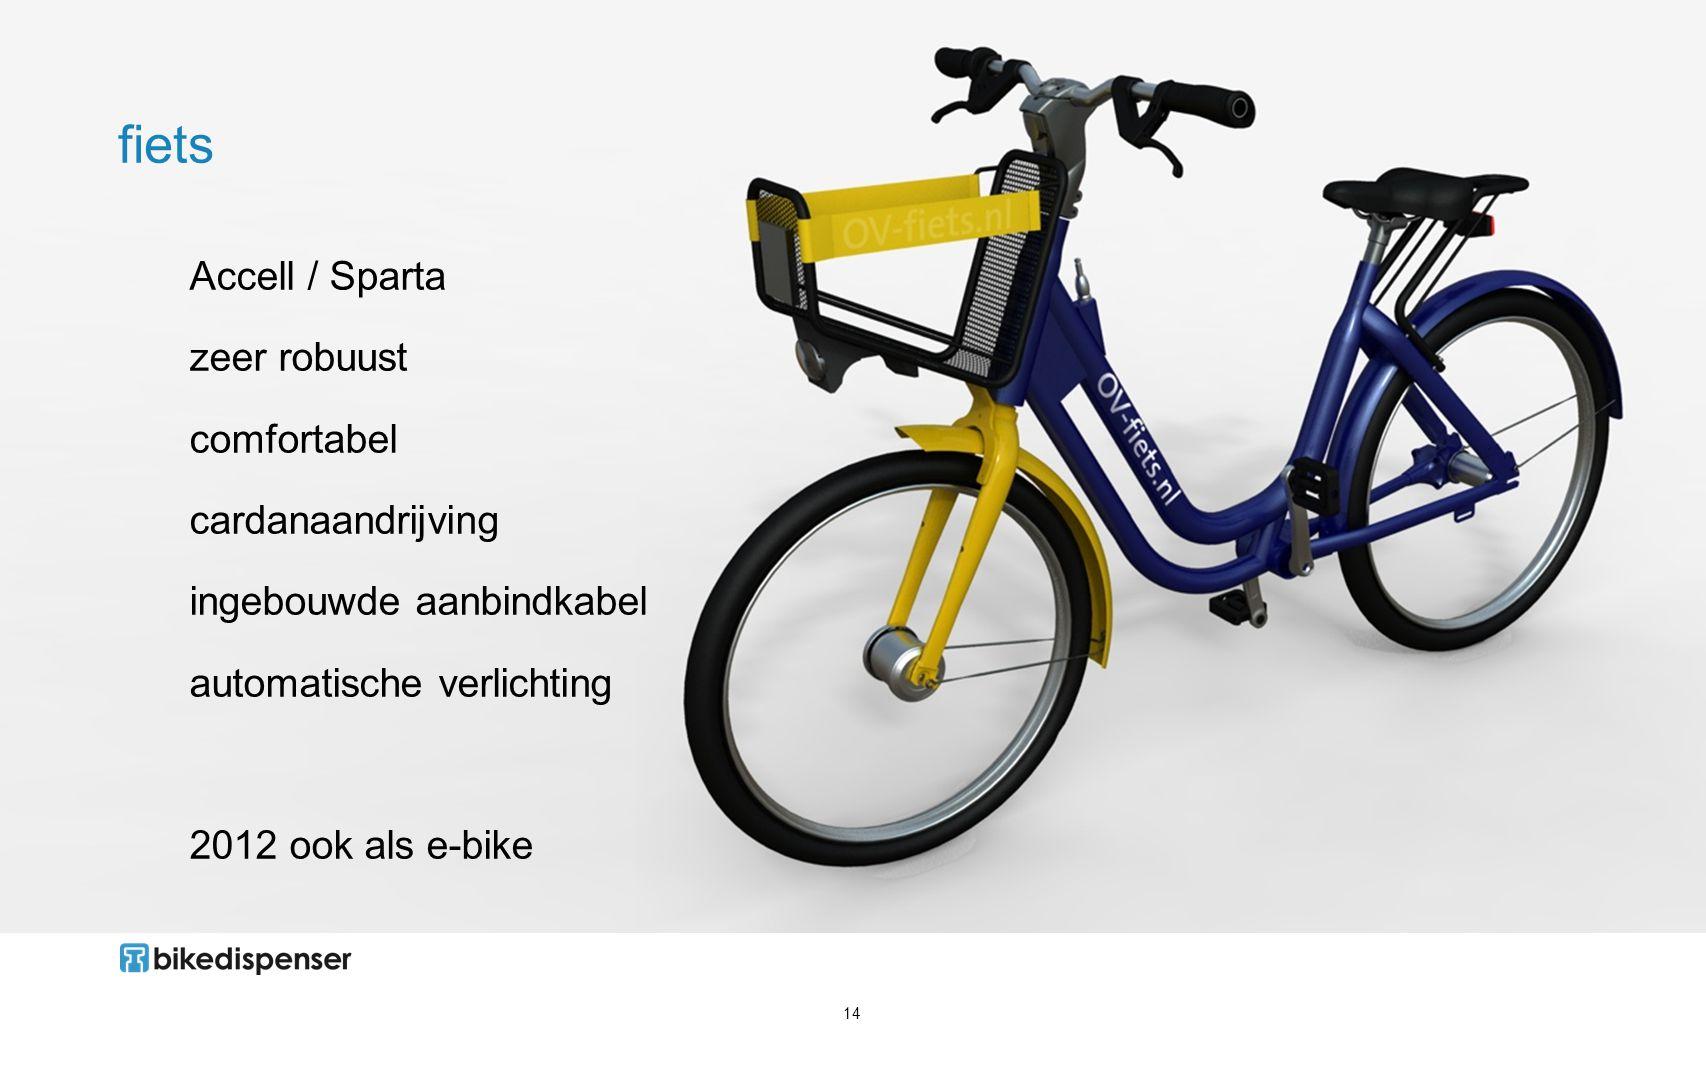 fiets Accell / Sparta zeer robuust comfortabel cardanaandrijving